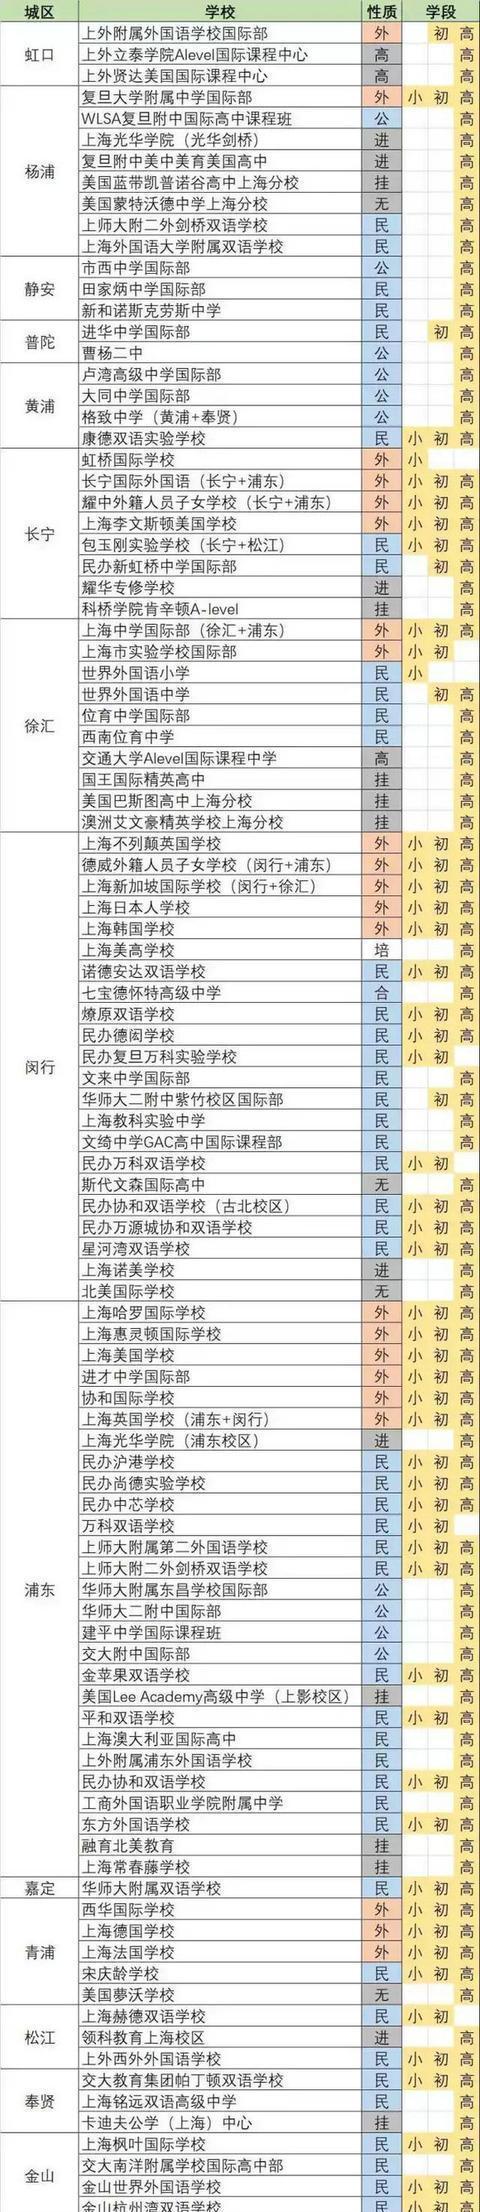 上海105所国际学校一览表